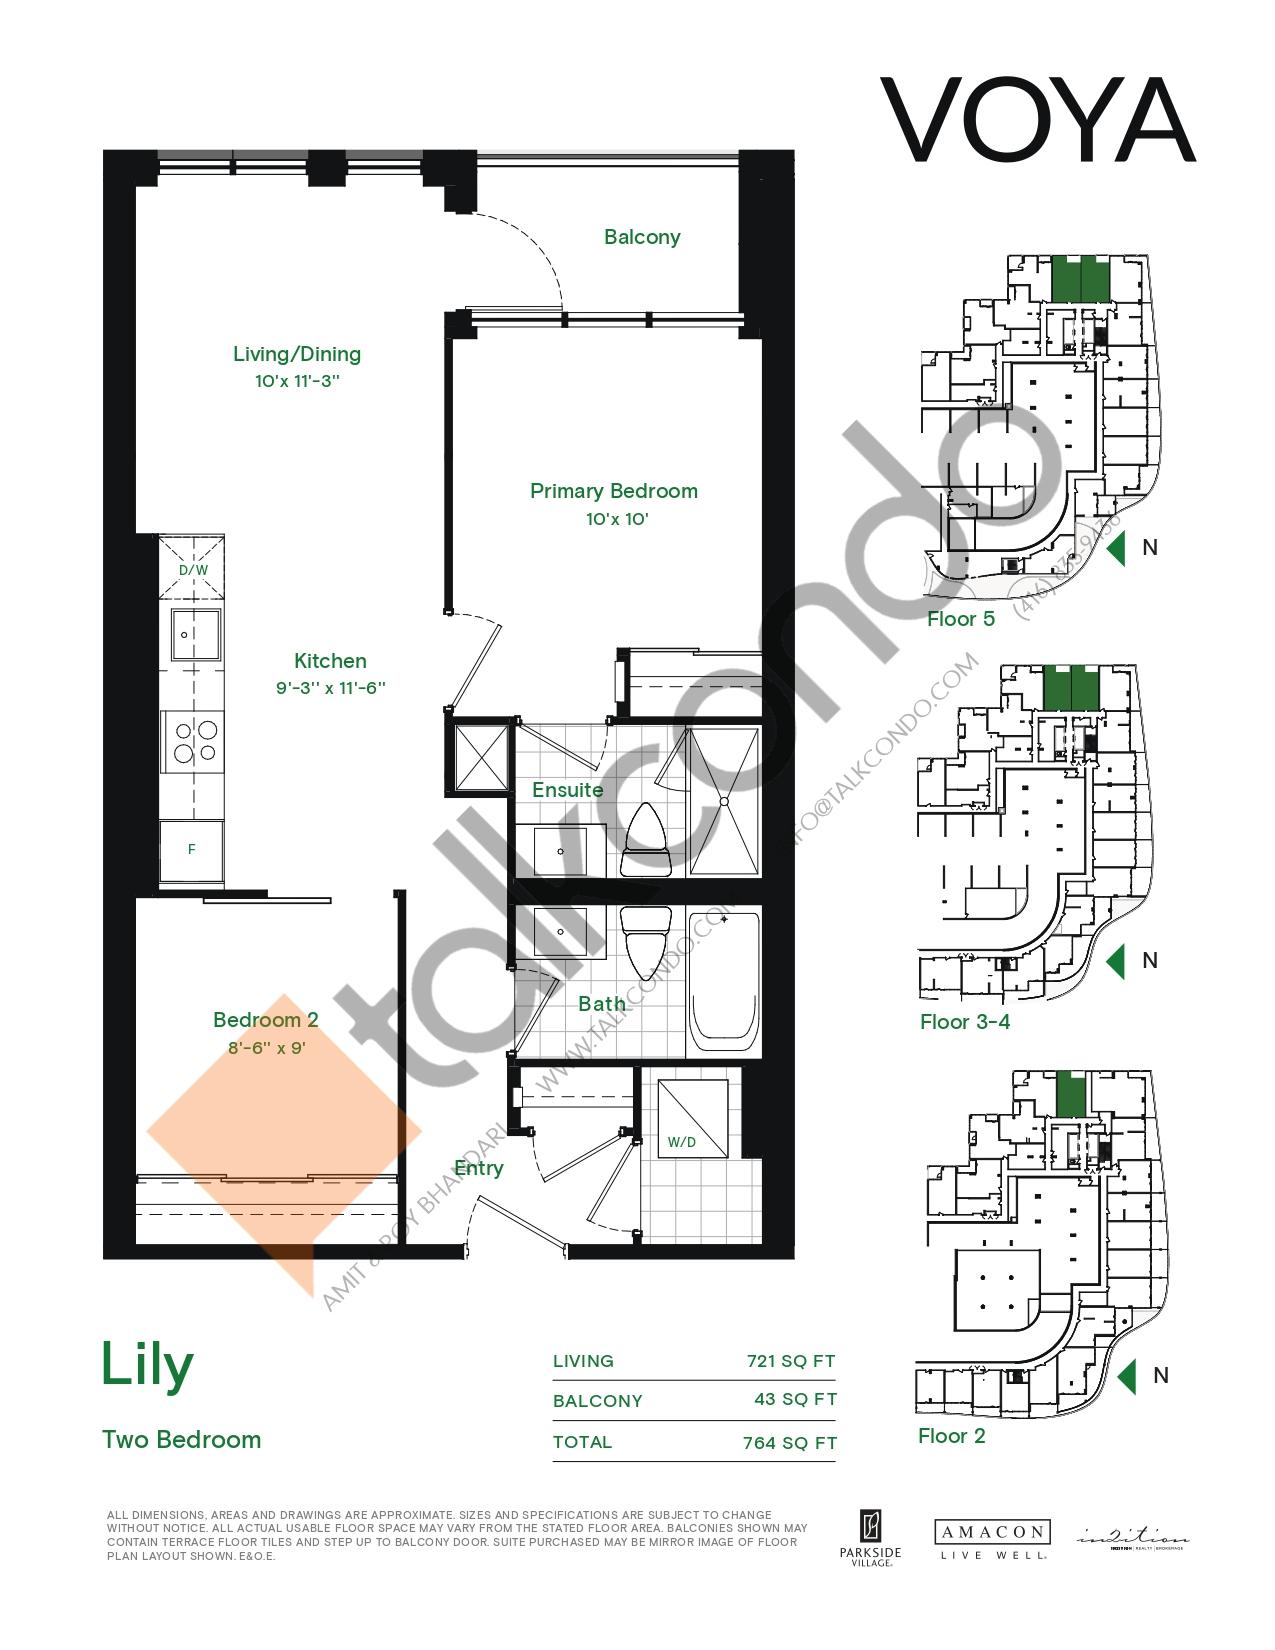 Lily (Podium) Floor Plan at Voya at Parkside Village Condos - 721 sq.ft